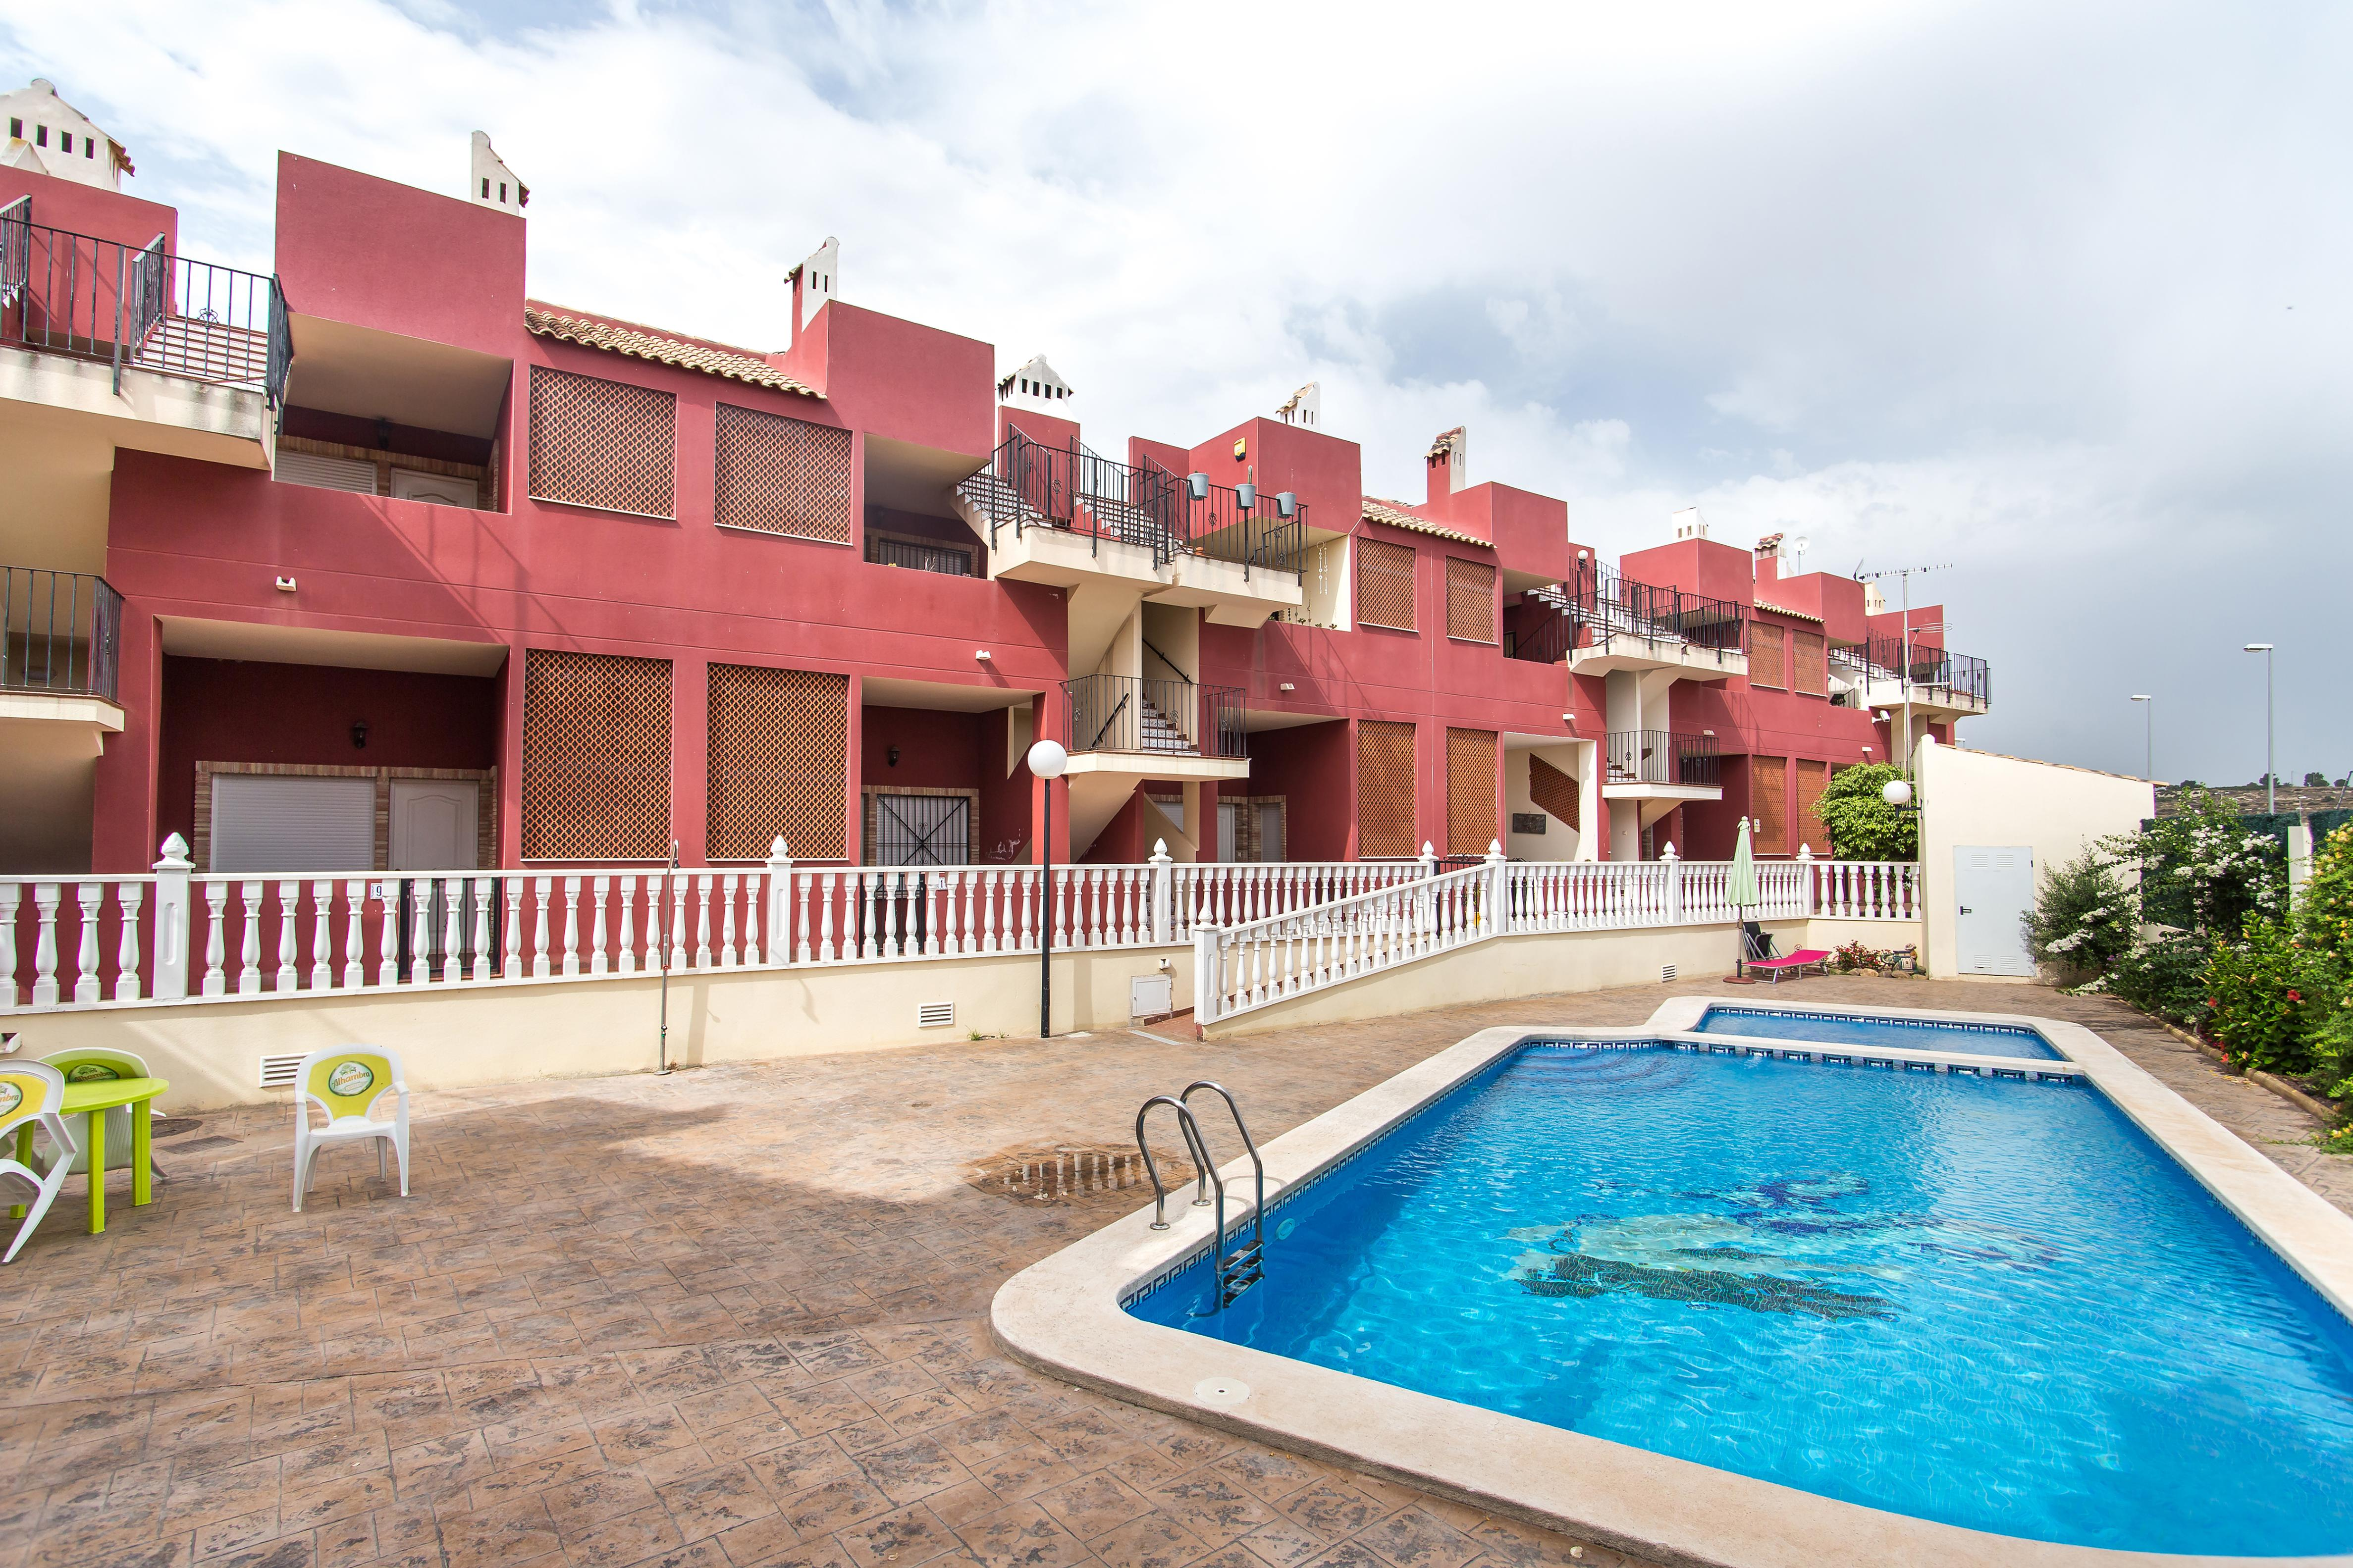 Piso en venta en Orihuela, Alicante, Urbanización El Mirador I, 48.000 €, 2 habitaciones, 2 baños, 71 m2